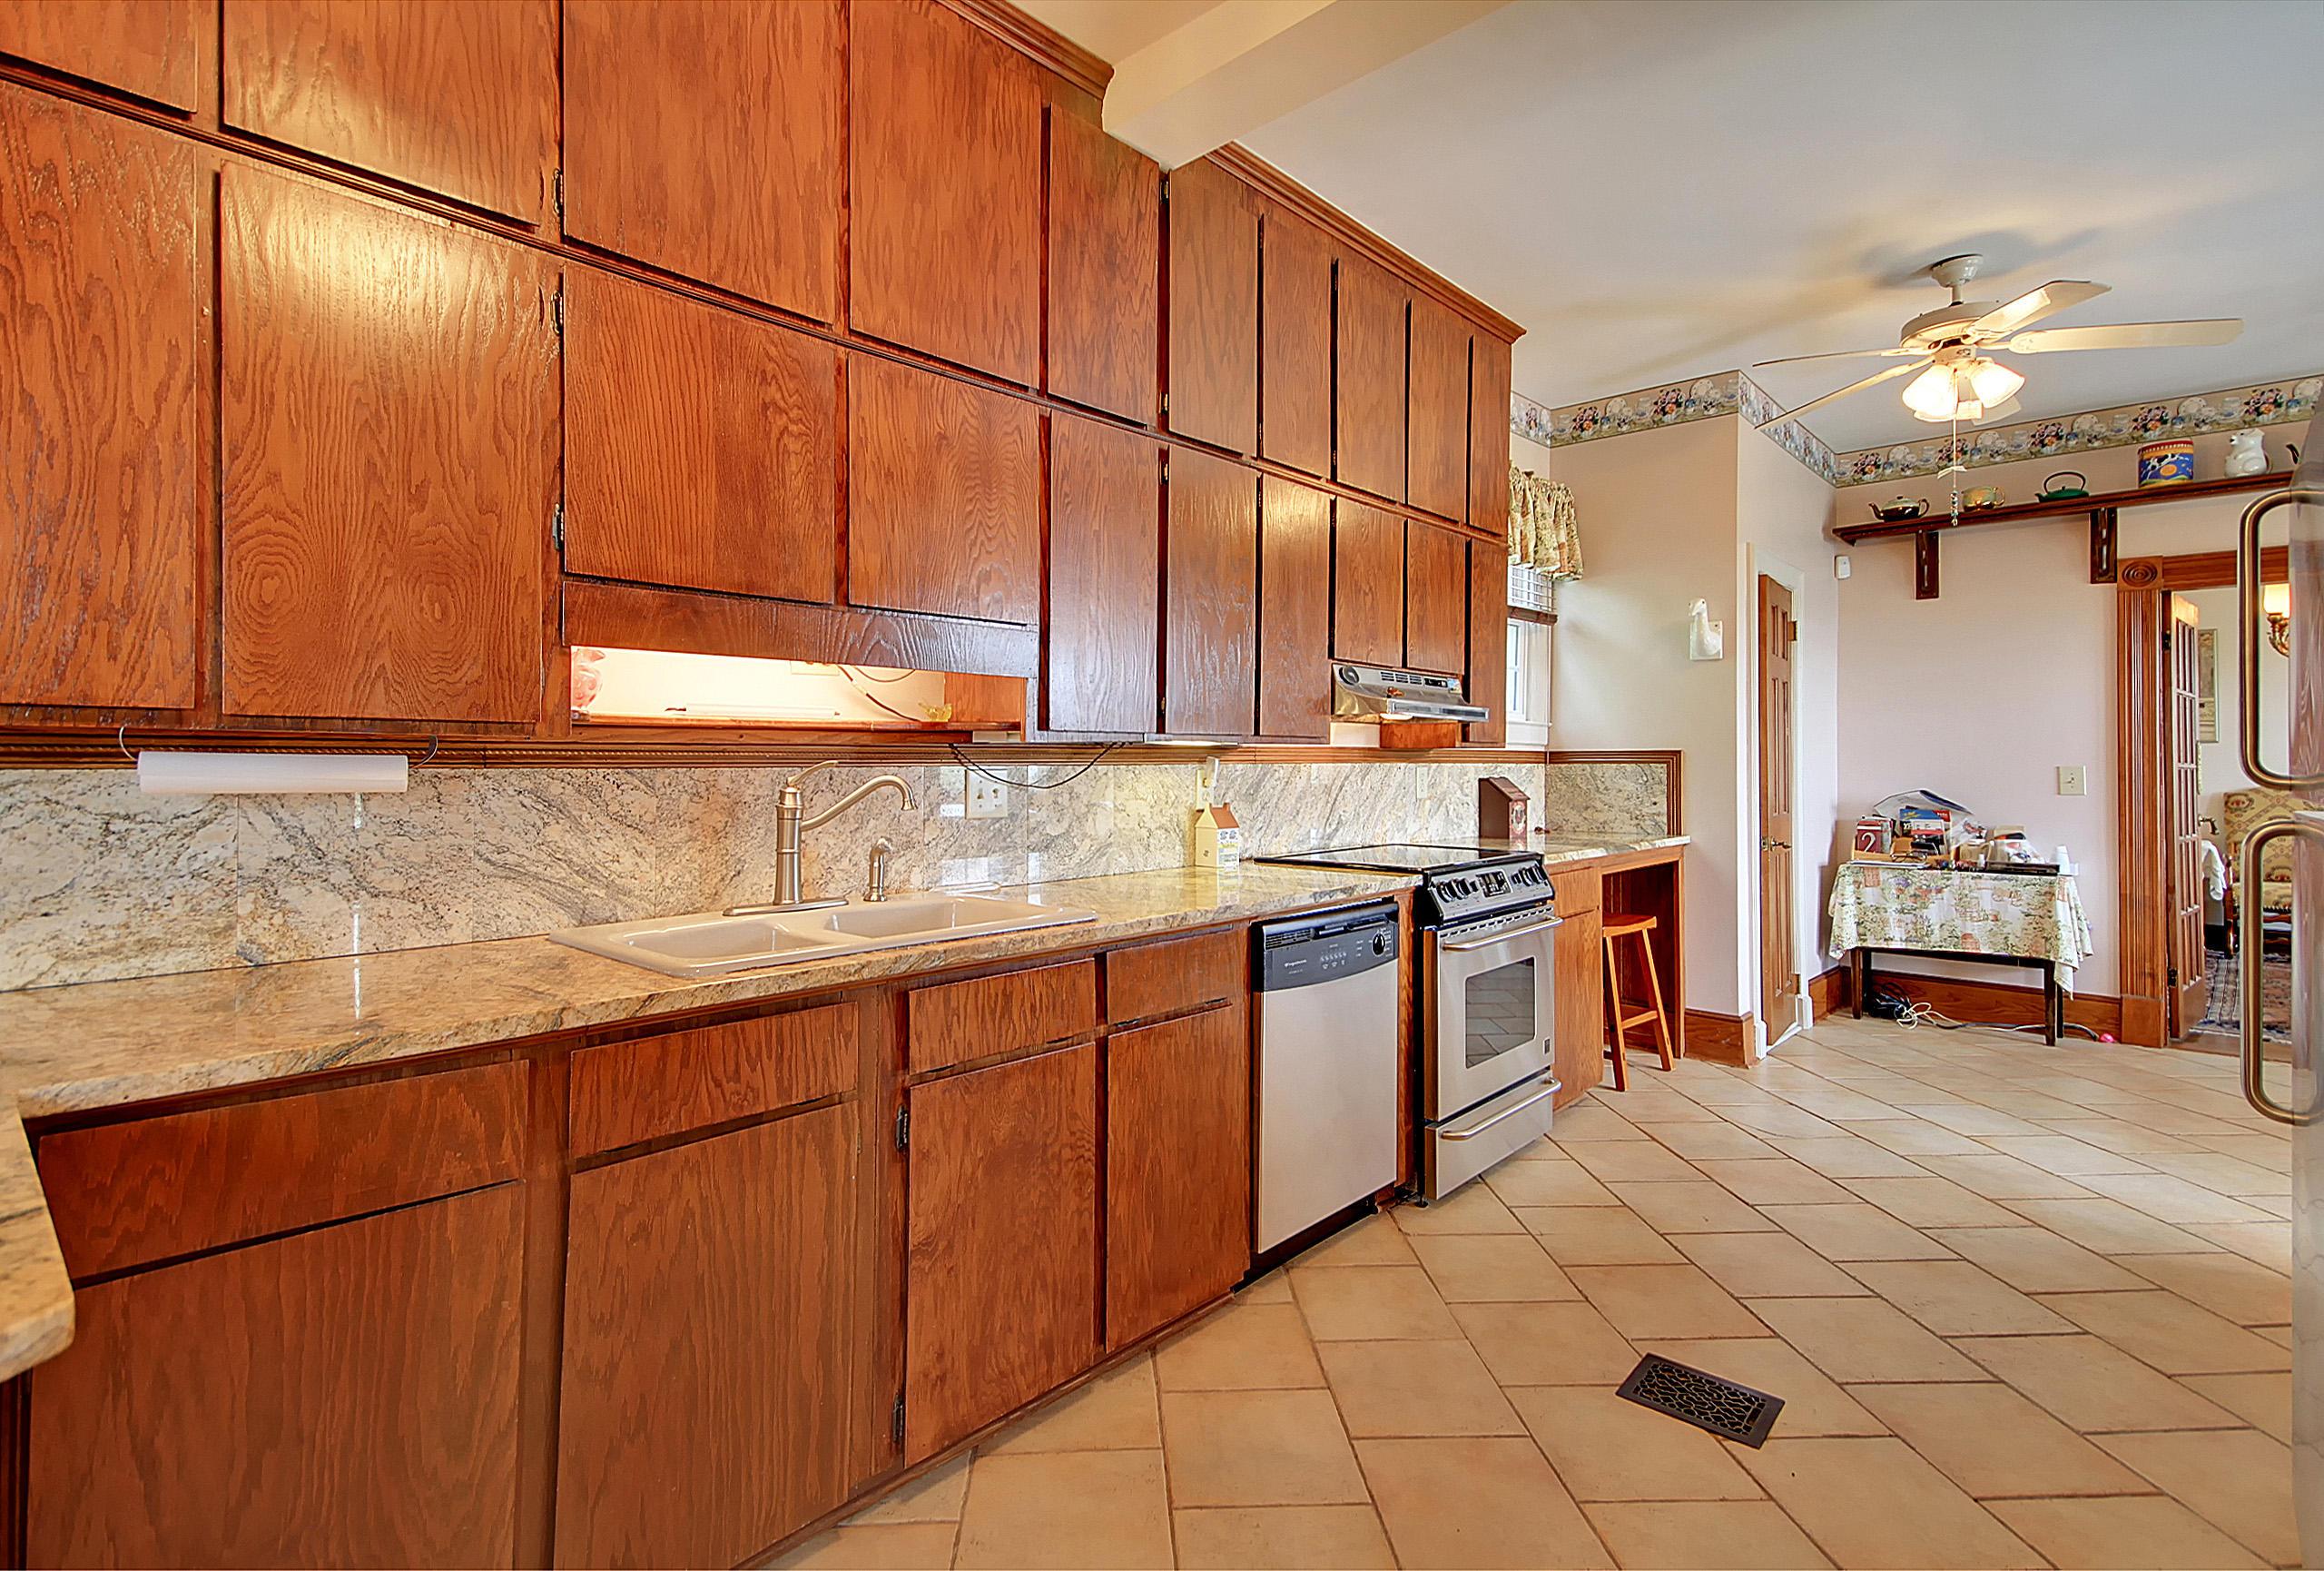 Harleston Village Homes For Sale - 218 Wentworth, Charleston, SC - 7